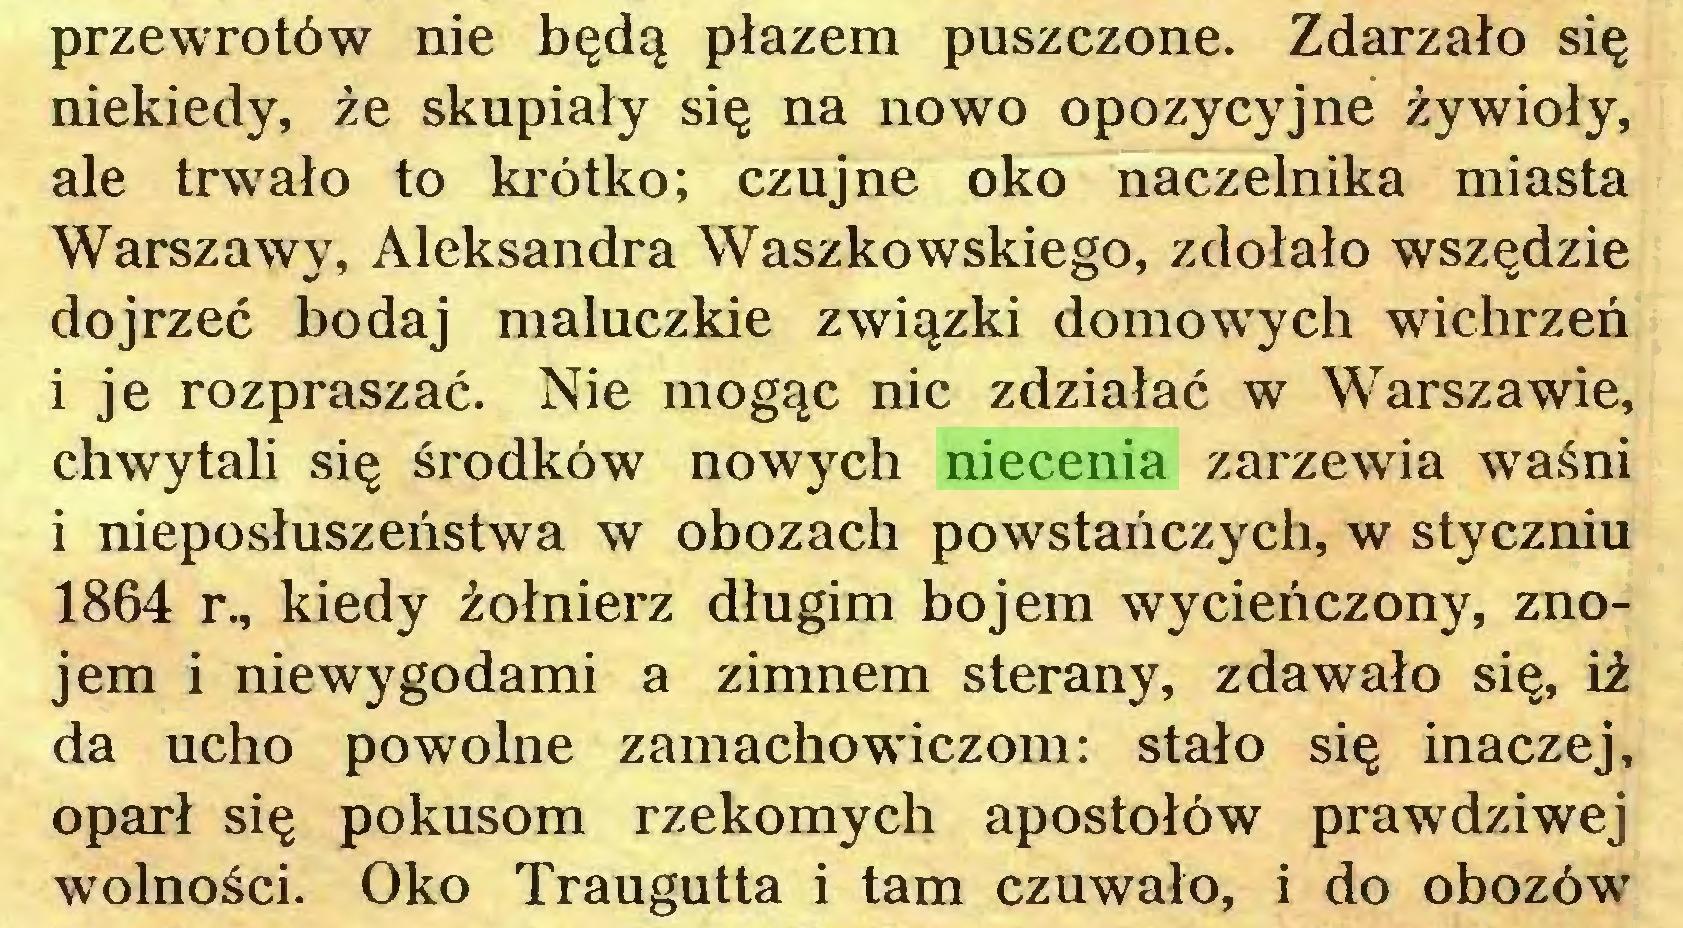 (...) przewrotów nie będą płazem puszczone. Zdarzało się niekiedy, że skupiały się na nowo opozycyjne żywioły, ale trwało to krótko; czujne oko naczelnika miasta Warszawy, Aleksandra Waszkowskiego, zdołało wszędzie dojrzeć bodaj maluczkie związki domowych wichrzeń i je rozpraszać. Nie mogąc nic zdziałać w Warszawie, chwytali się środków nowych niecenia zarzewia waśni i nieposłuszeństwa w obozach powstańczych, w styczniu 1864 r., kiedy żołnierz długim bojem wycieńczony, znojem i niewygodami a zimnem sterany, zdawało się, iż da ucho powolne zamachowiczom: stało się inaczej, oparł się pokusom rzekomych apostołów prawdziwej wolności. Oko Traugutta i tam czuwało, i do obozów...